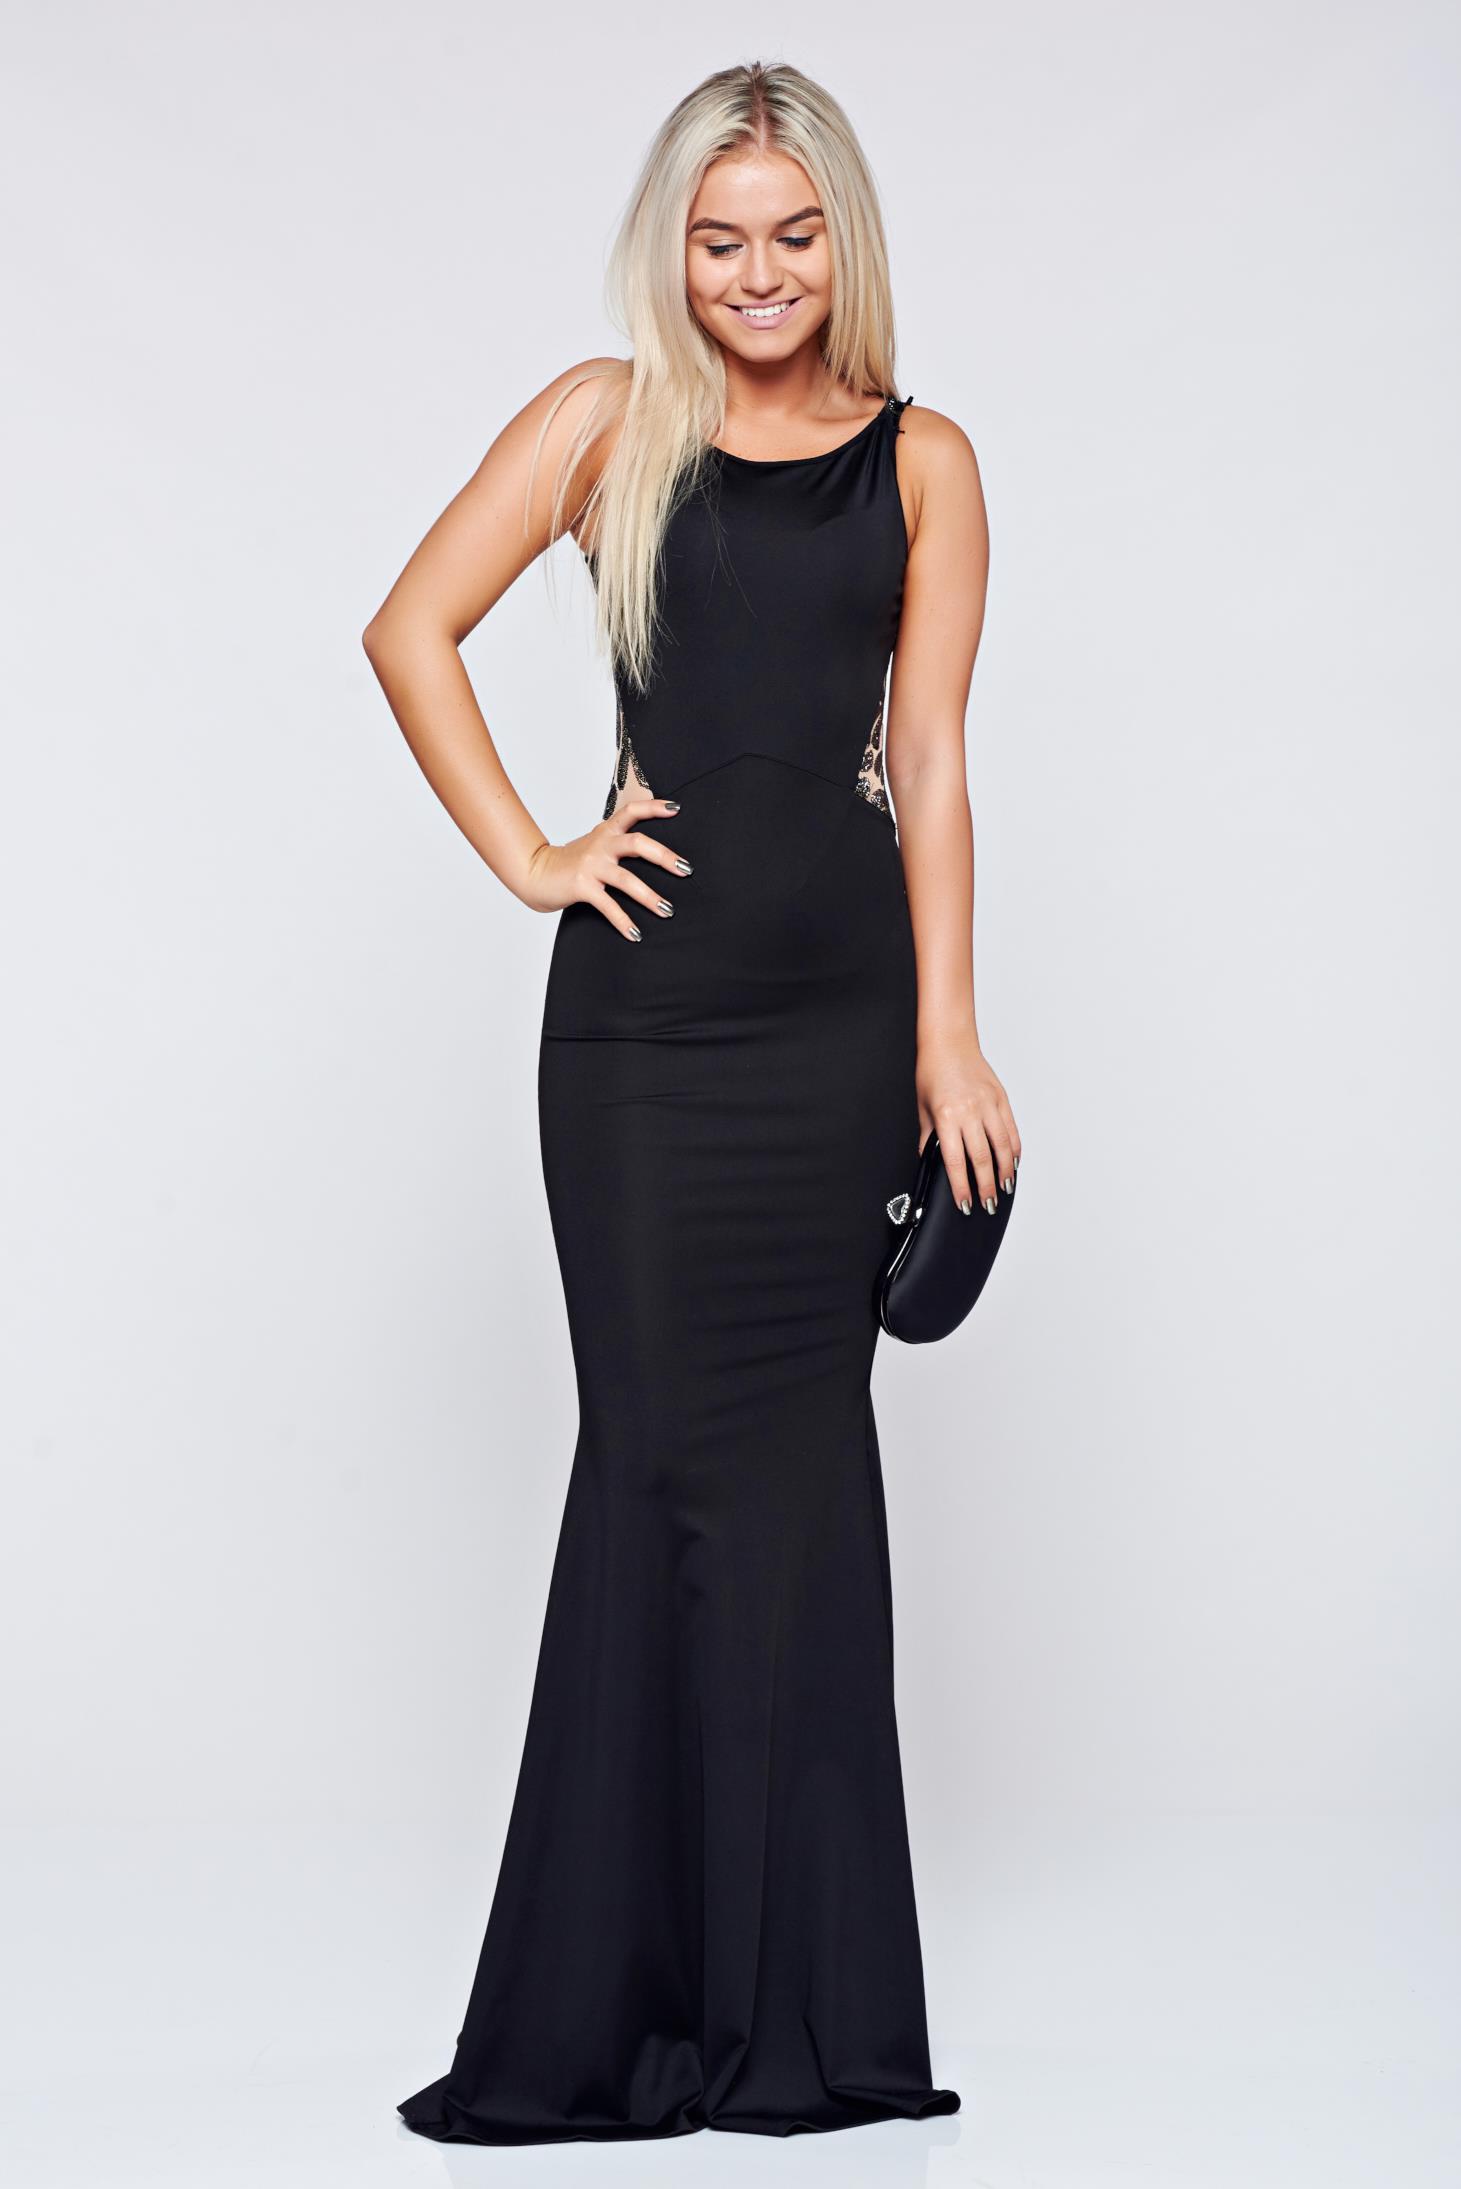 Fekete Fofy hosszú ujjatlan estélyi ruha 46a6f93a64